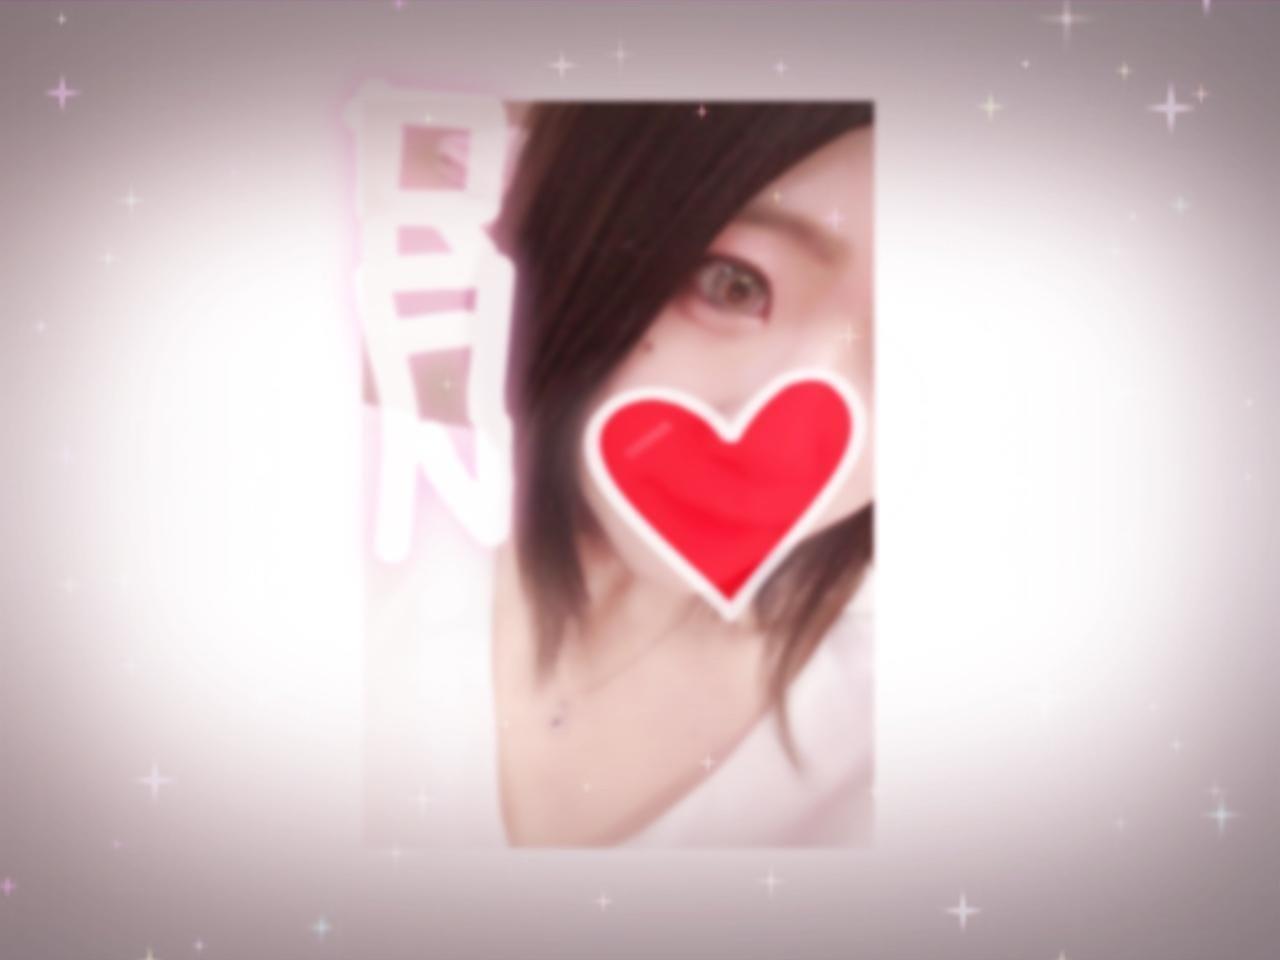 らん☆高身長、美巨乳美女「おはようございます」07/15(日) 16:50   らん☆高身長、美巨乳美女の写メ・風俗動画